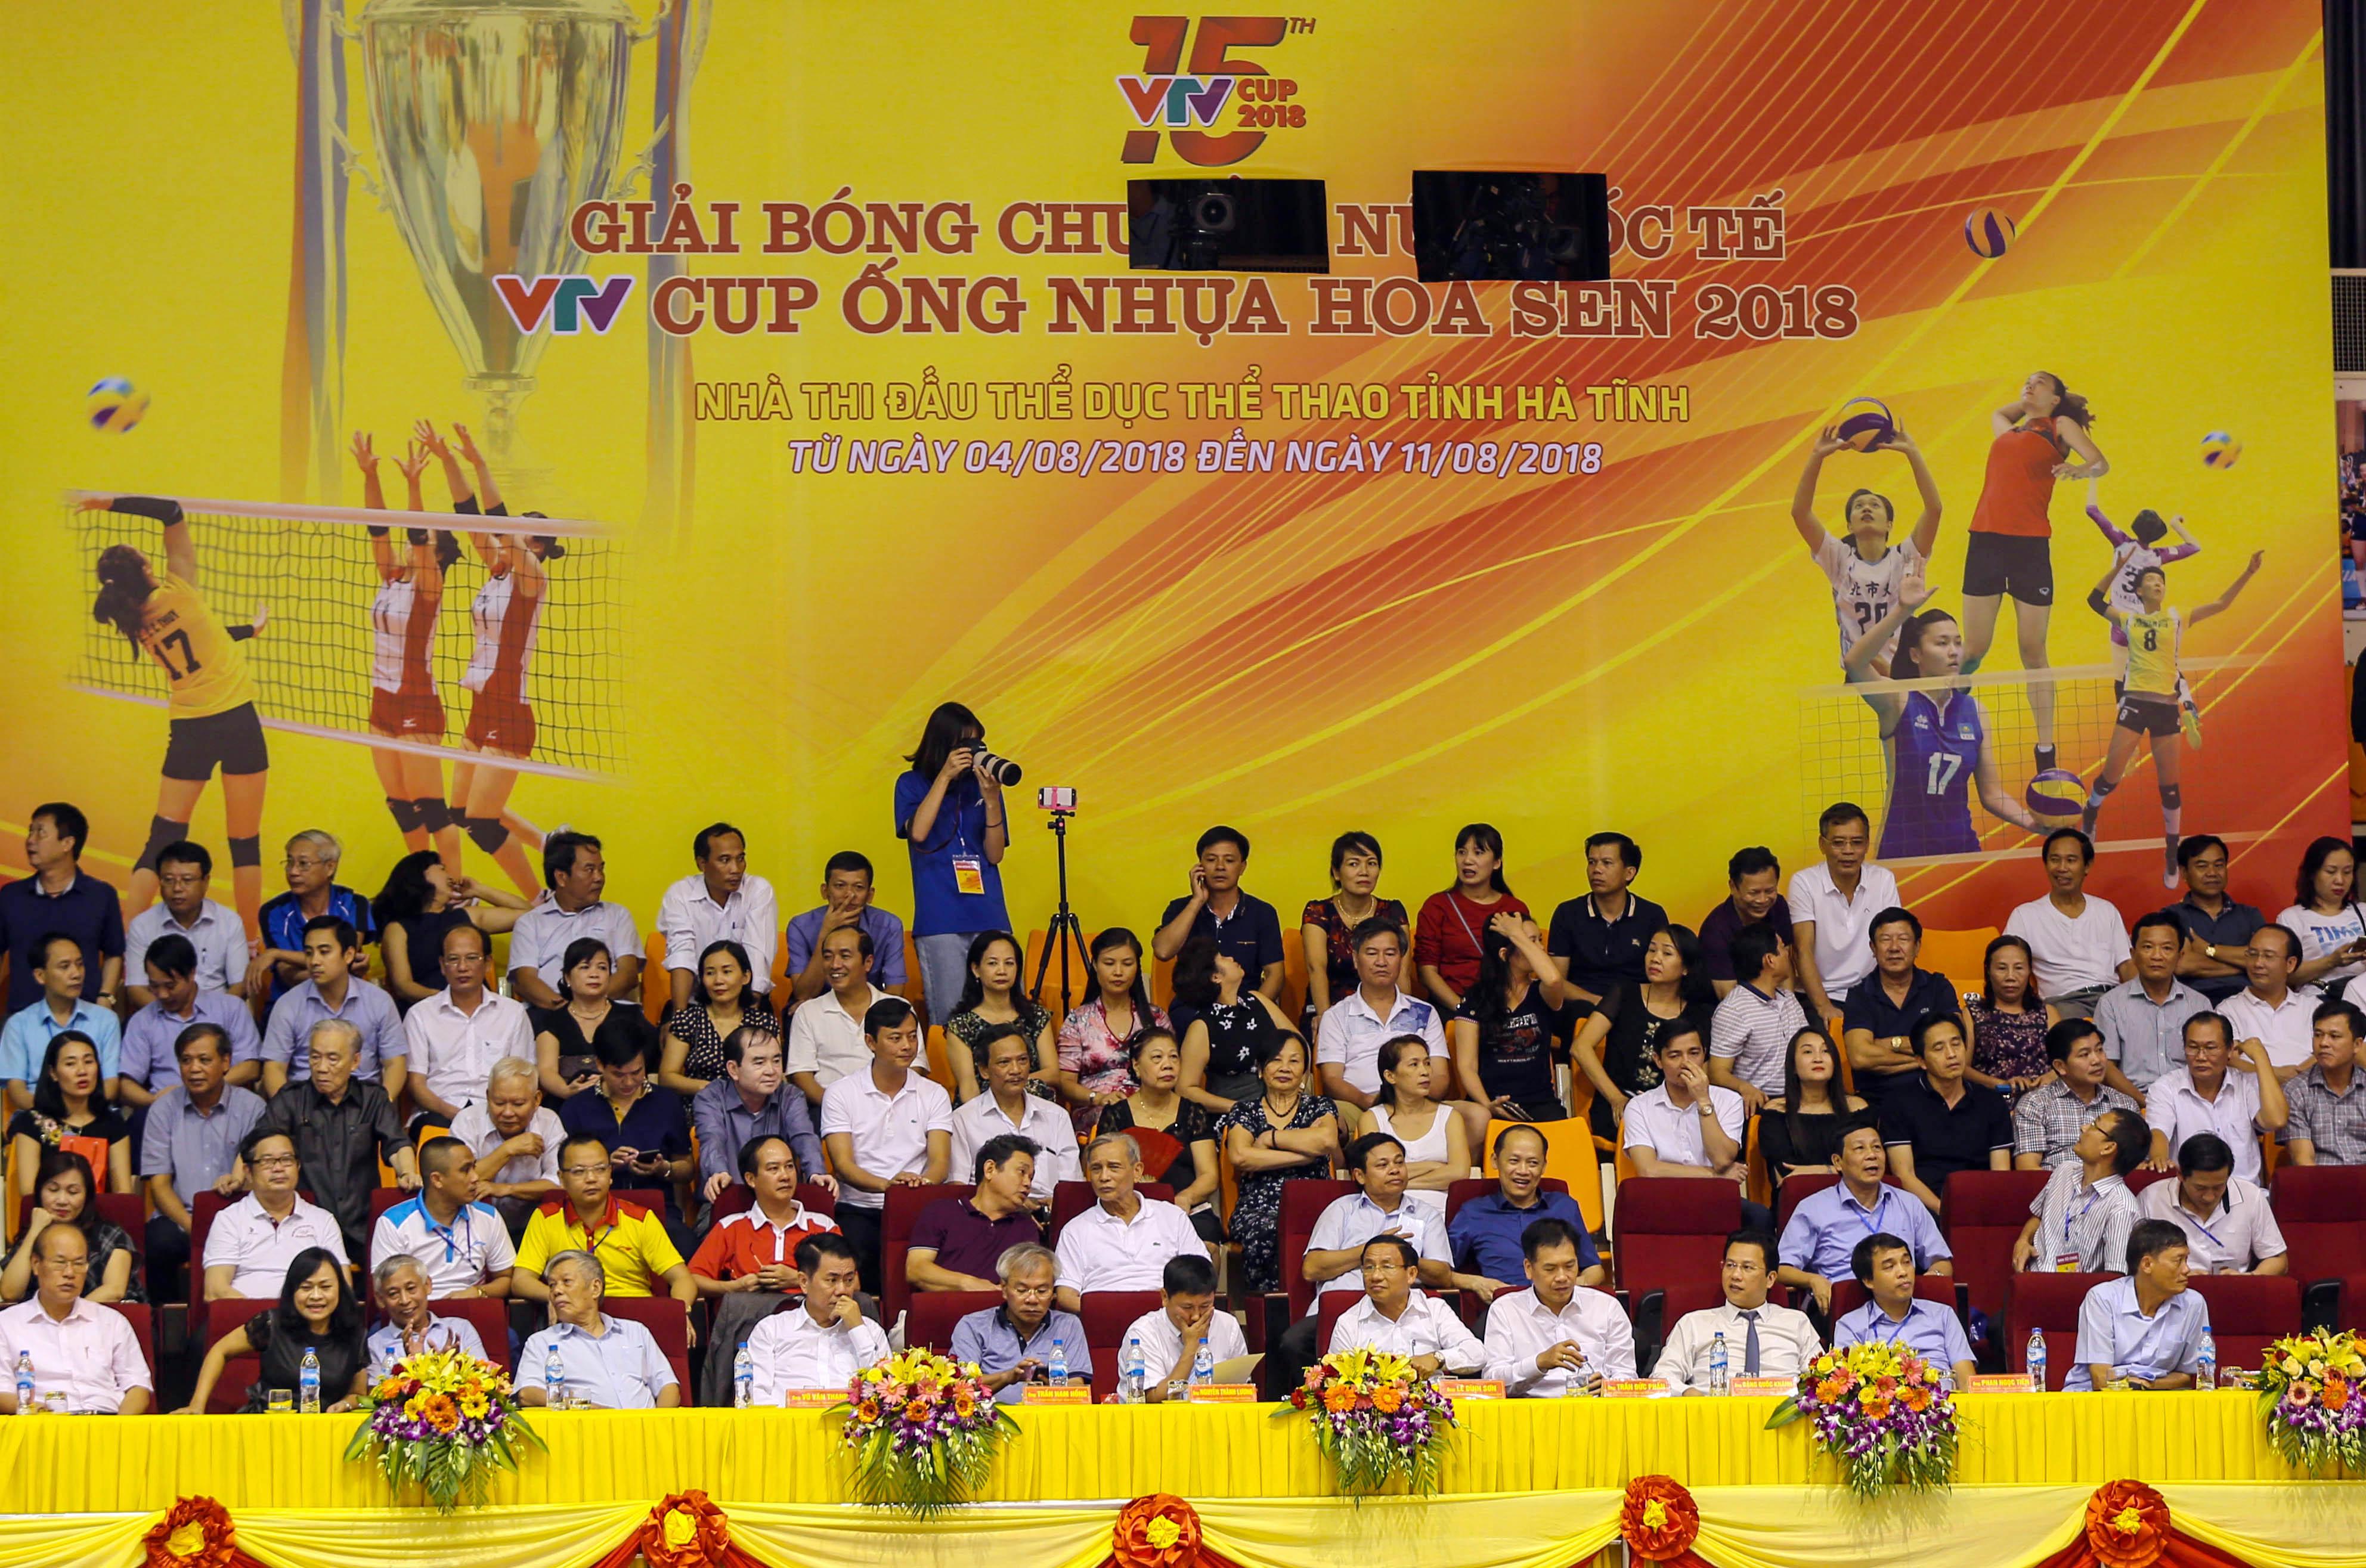 Khai mạc Giải bóng chuyền nữ quốc tế VTV Cup năm 2018 tại Hà Tĩnh